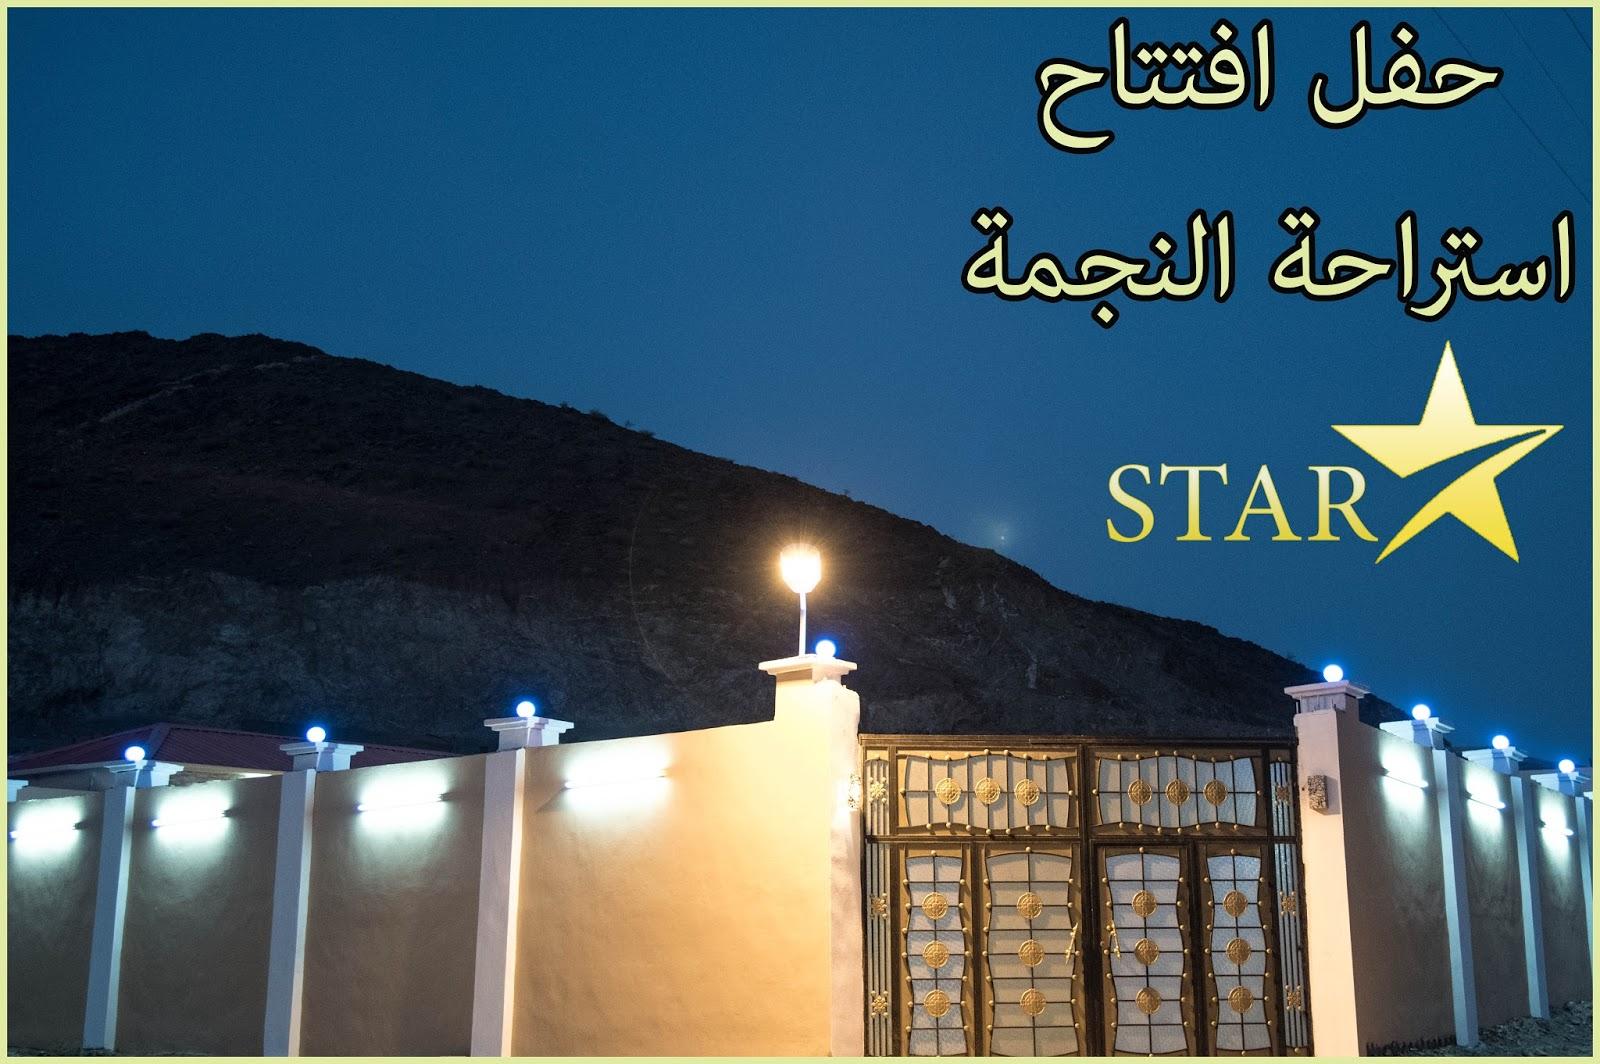 حفل أفتتاح استراحة النجمة بالجعرانة | HEMO